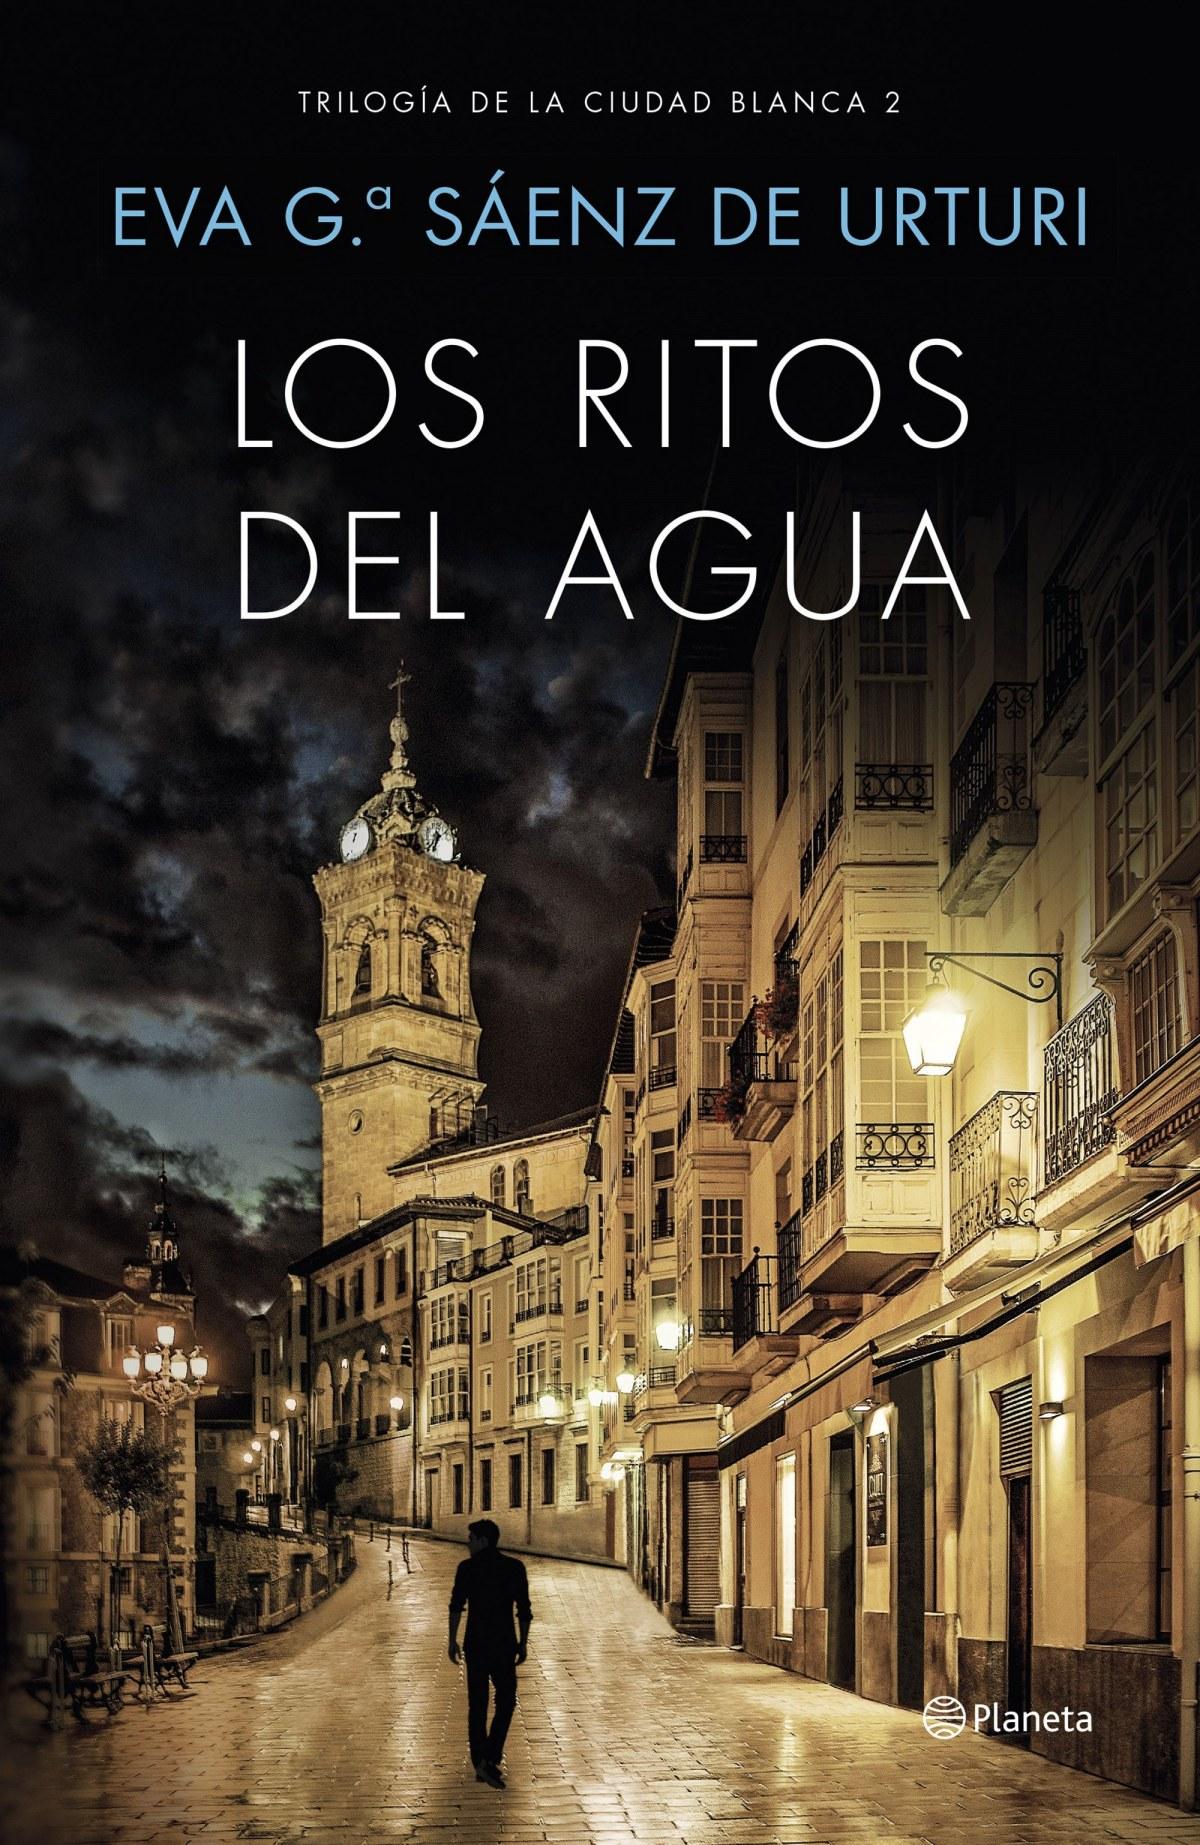 LOS RITOS DEL AGUA 9788408169451